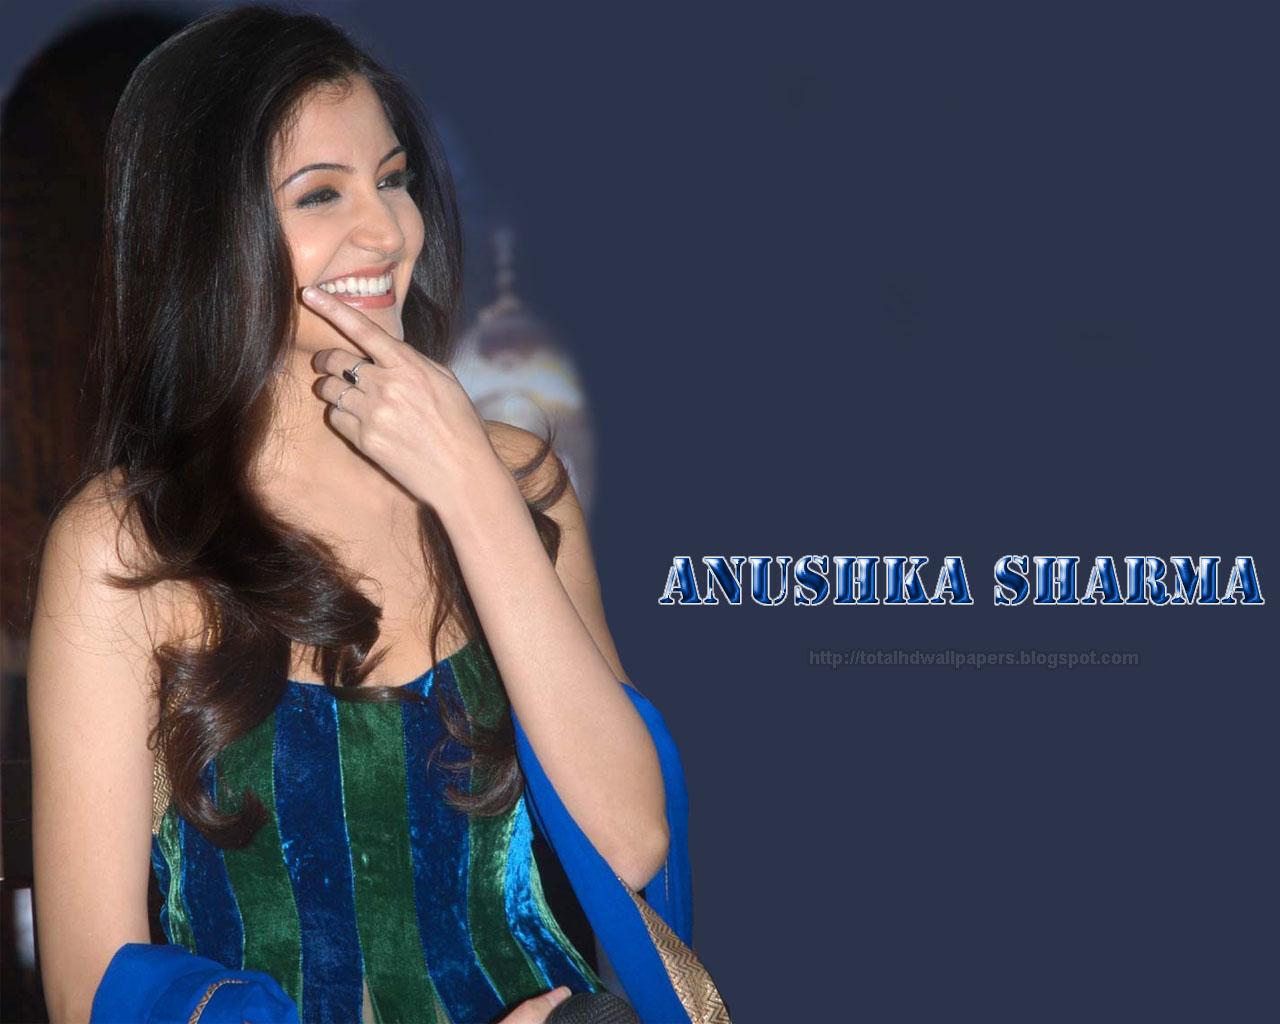 actresses hd wallpapers: anushka sharma hd wallpapers